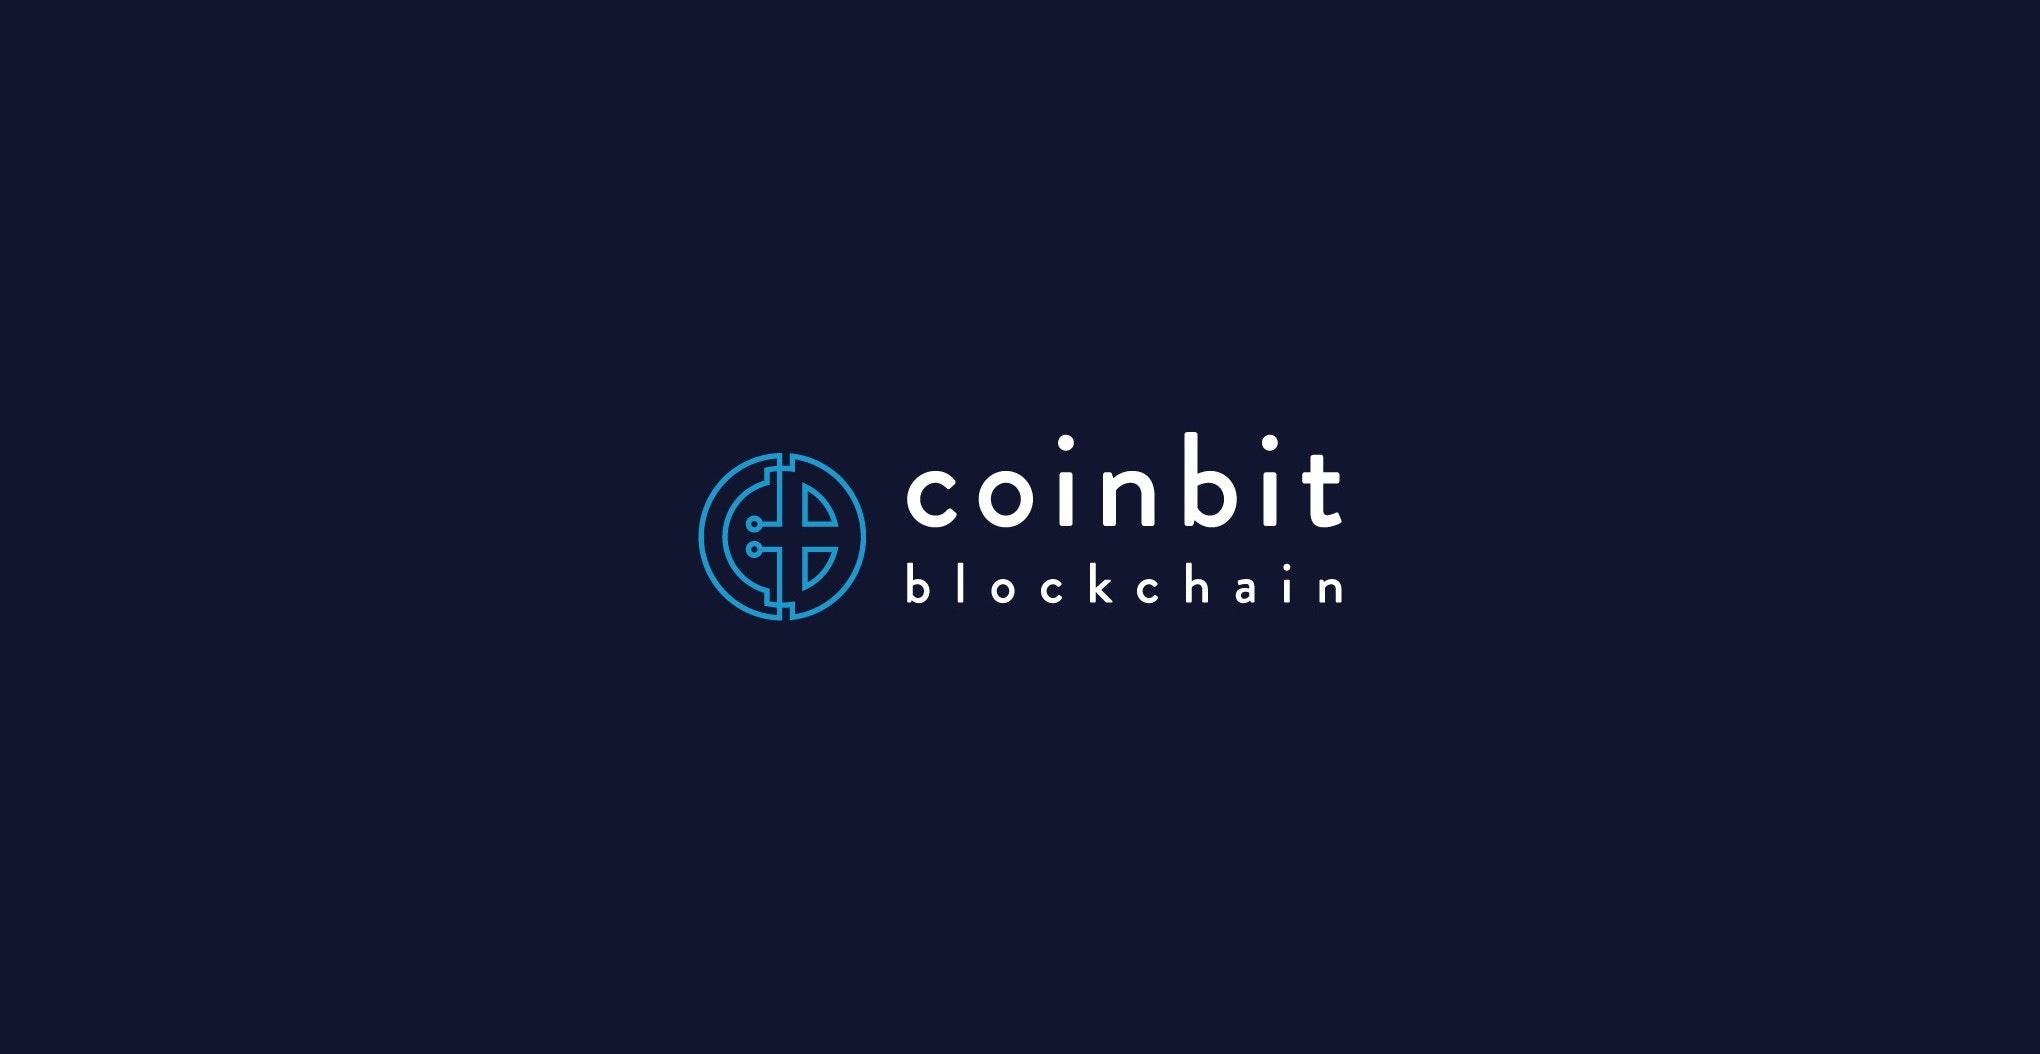 CoinBit by S.SUKALPO™.